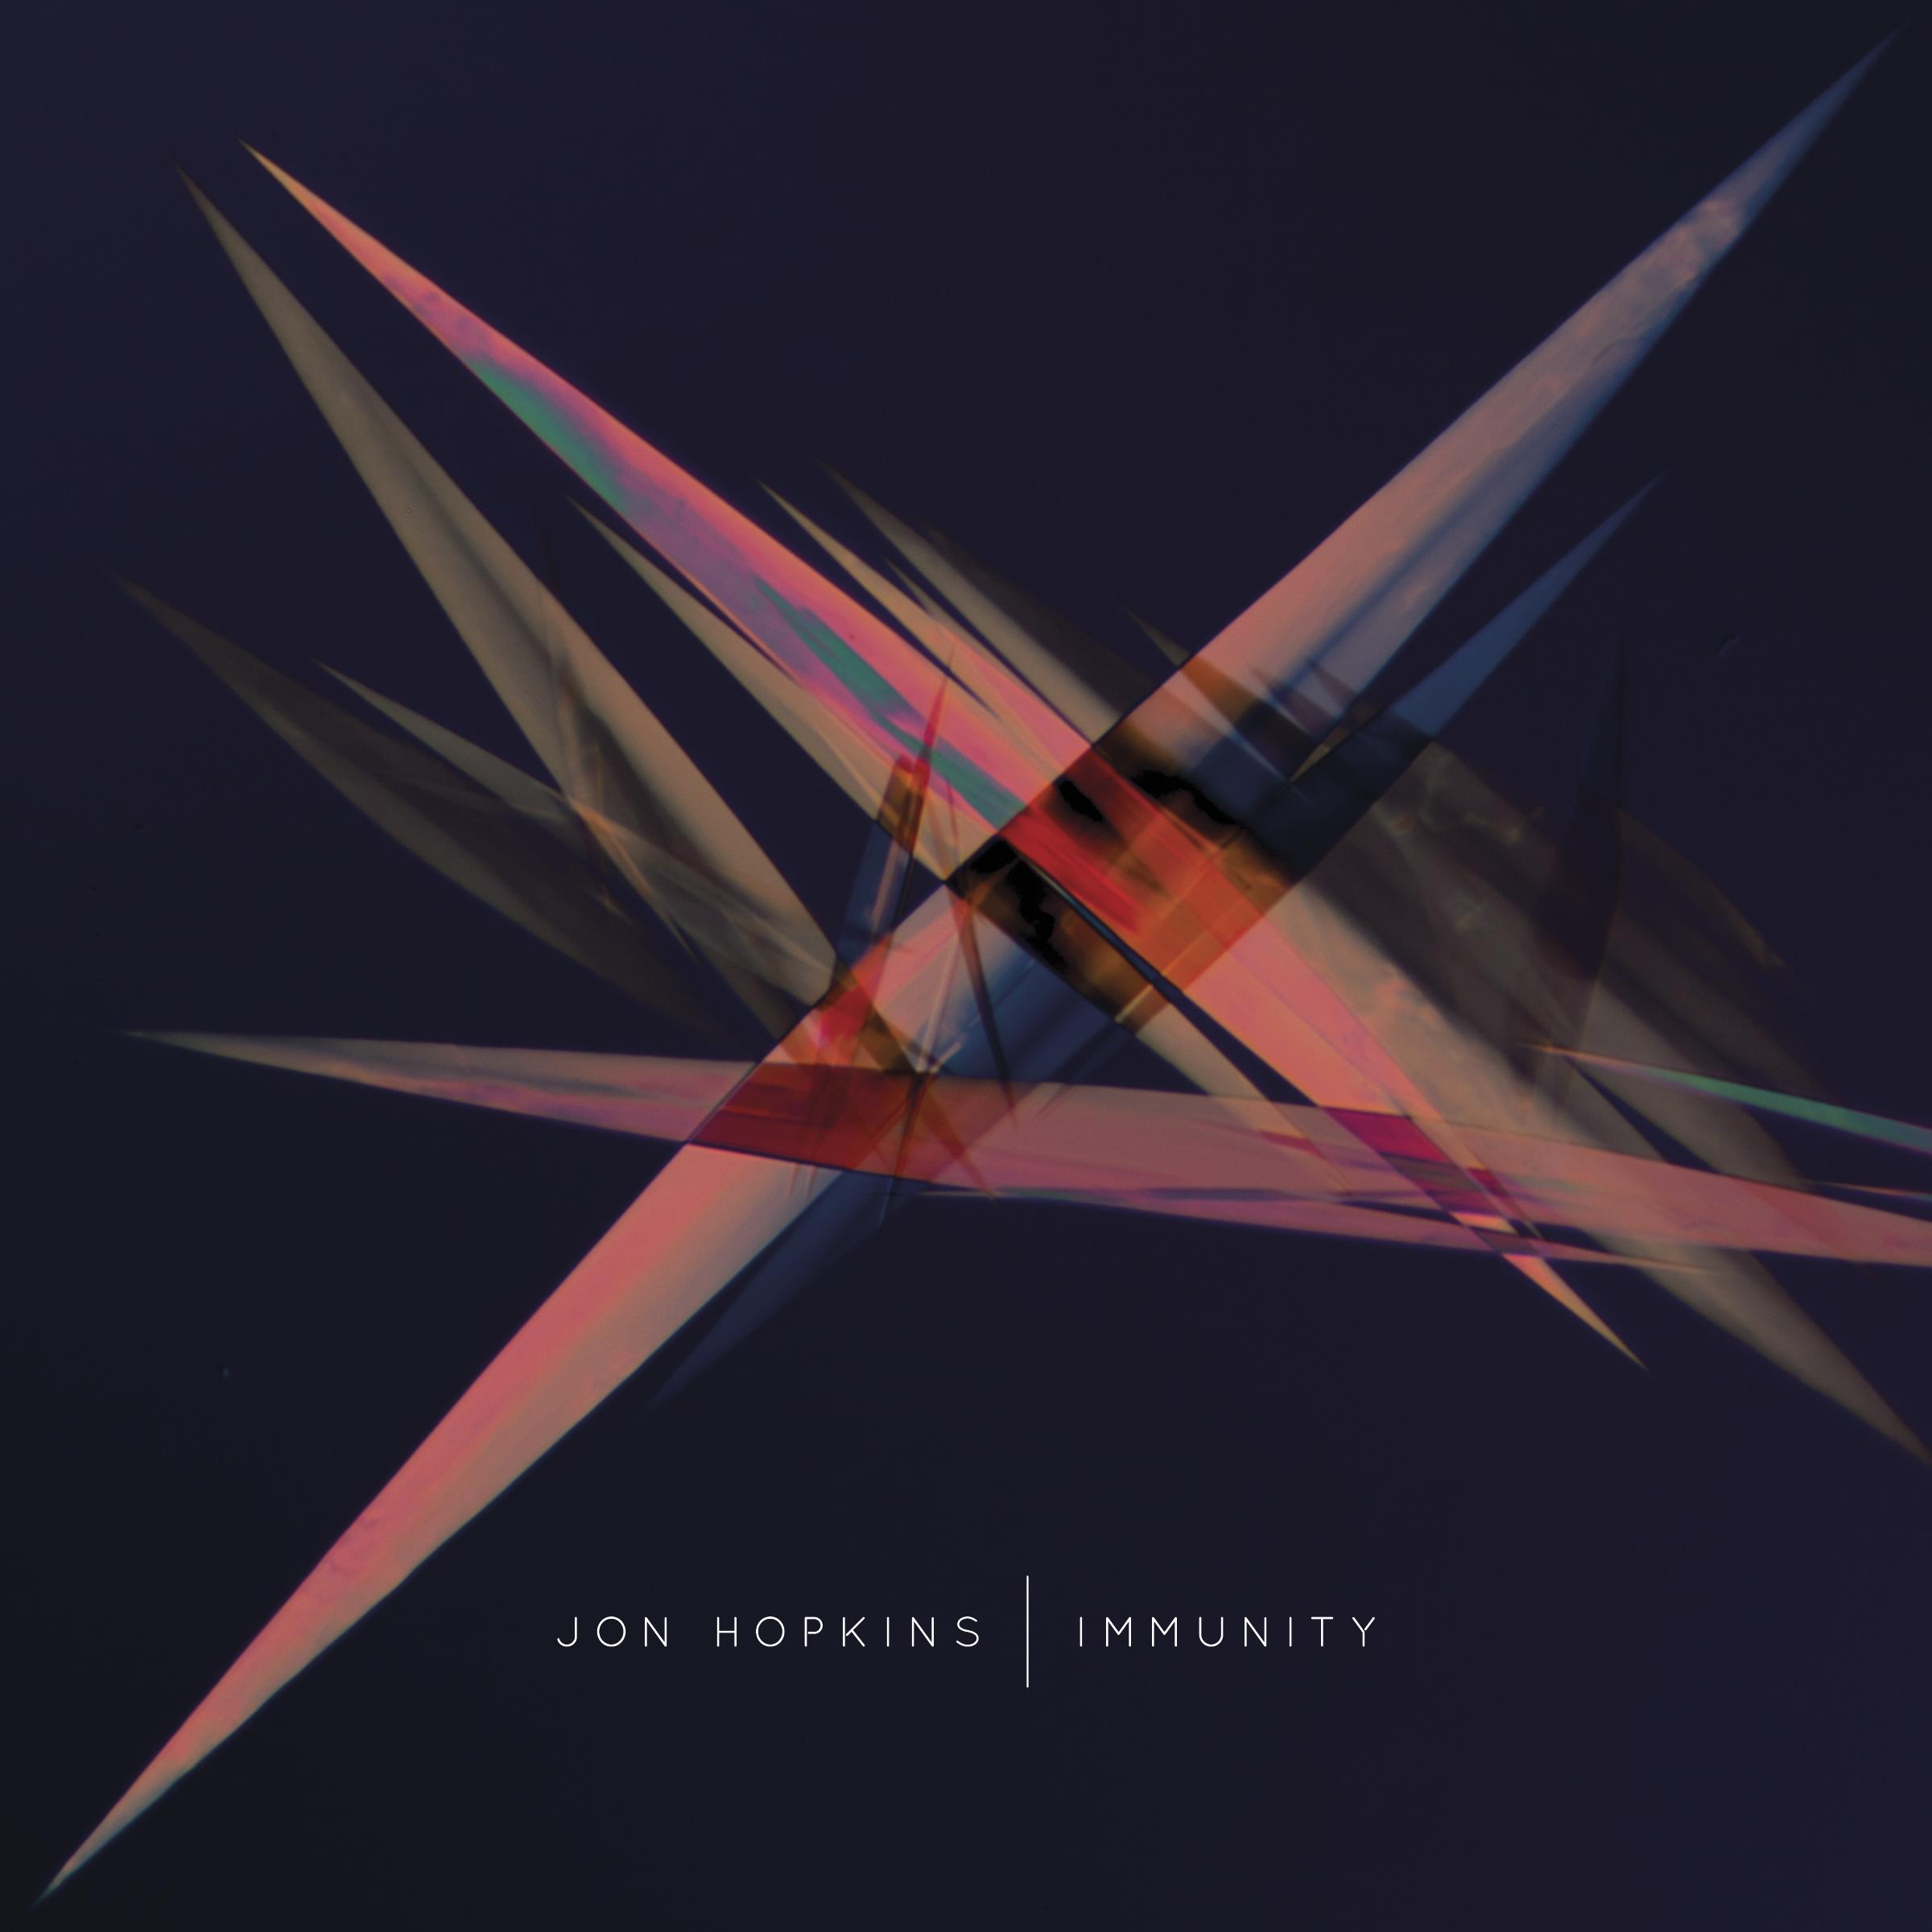 Jon Hopkins – Immunity (Domino)